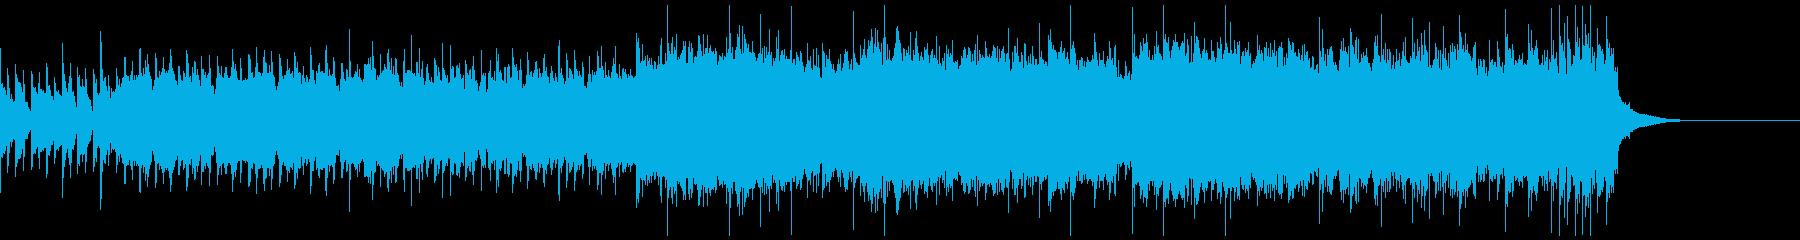 オープニング用ロックギターインストの再生済みの波形